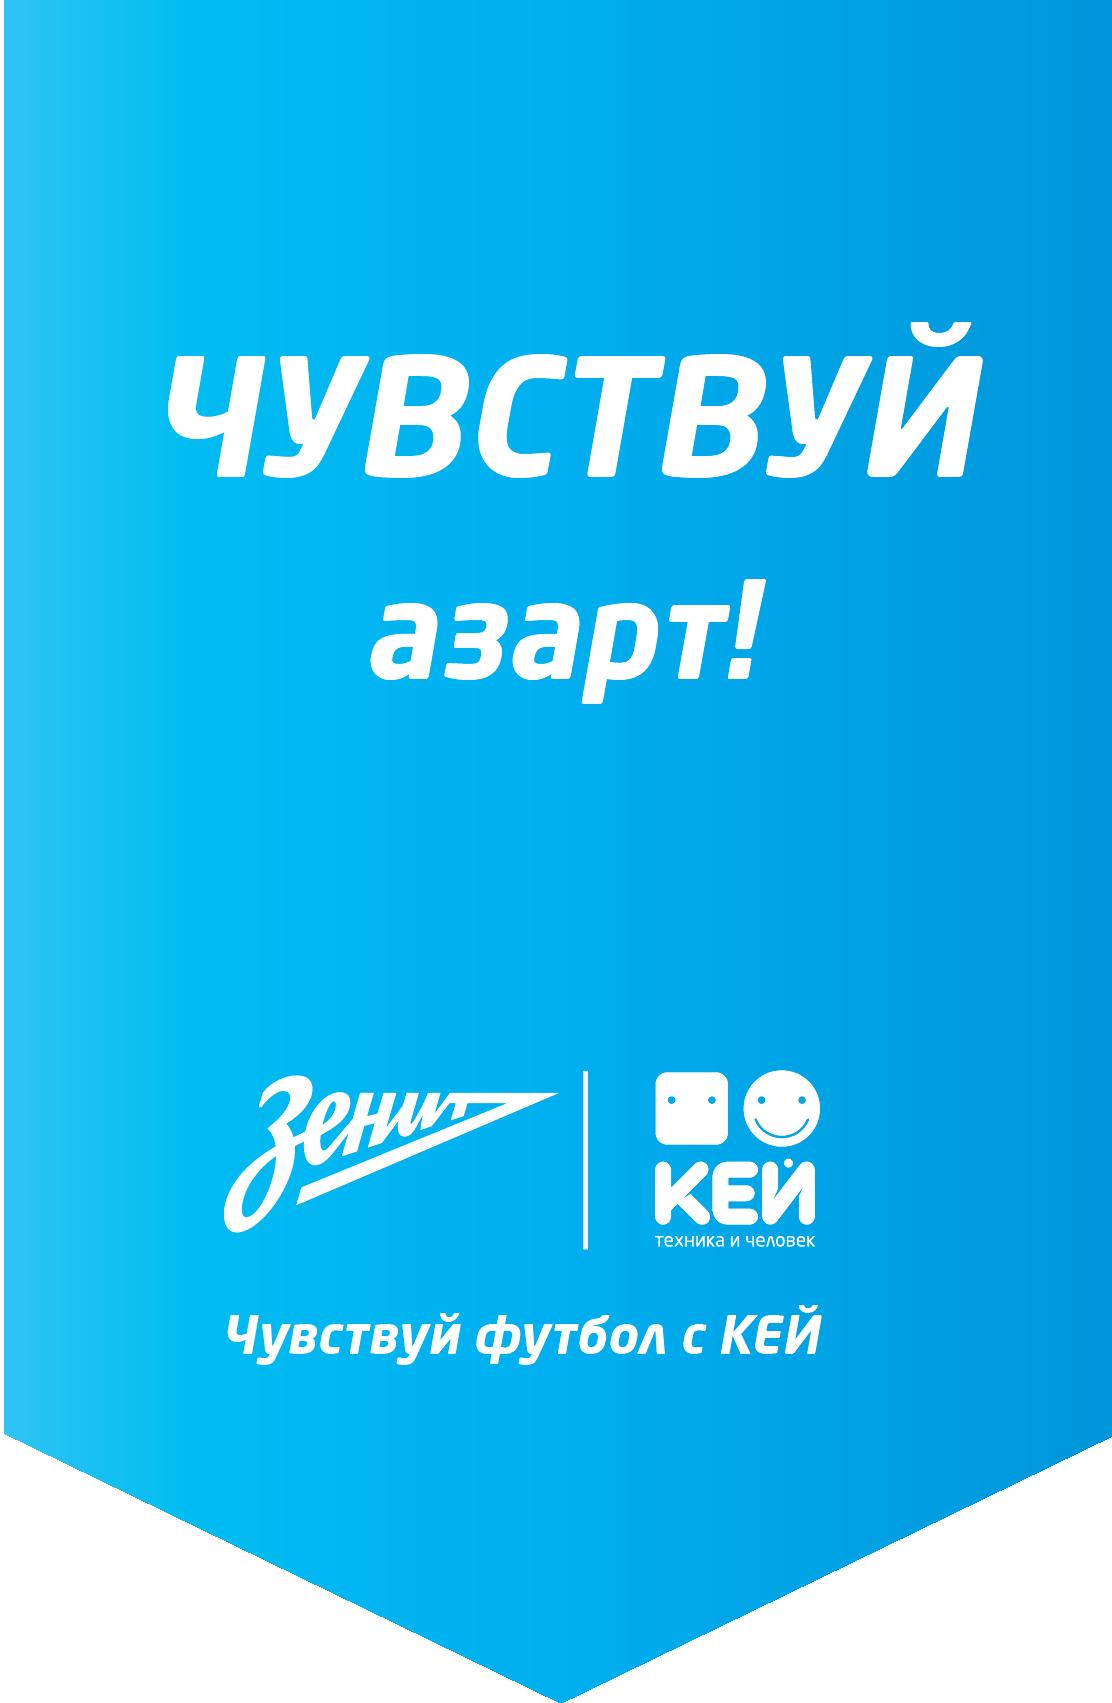 Key_Zenit_Artboard 48.png